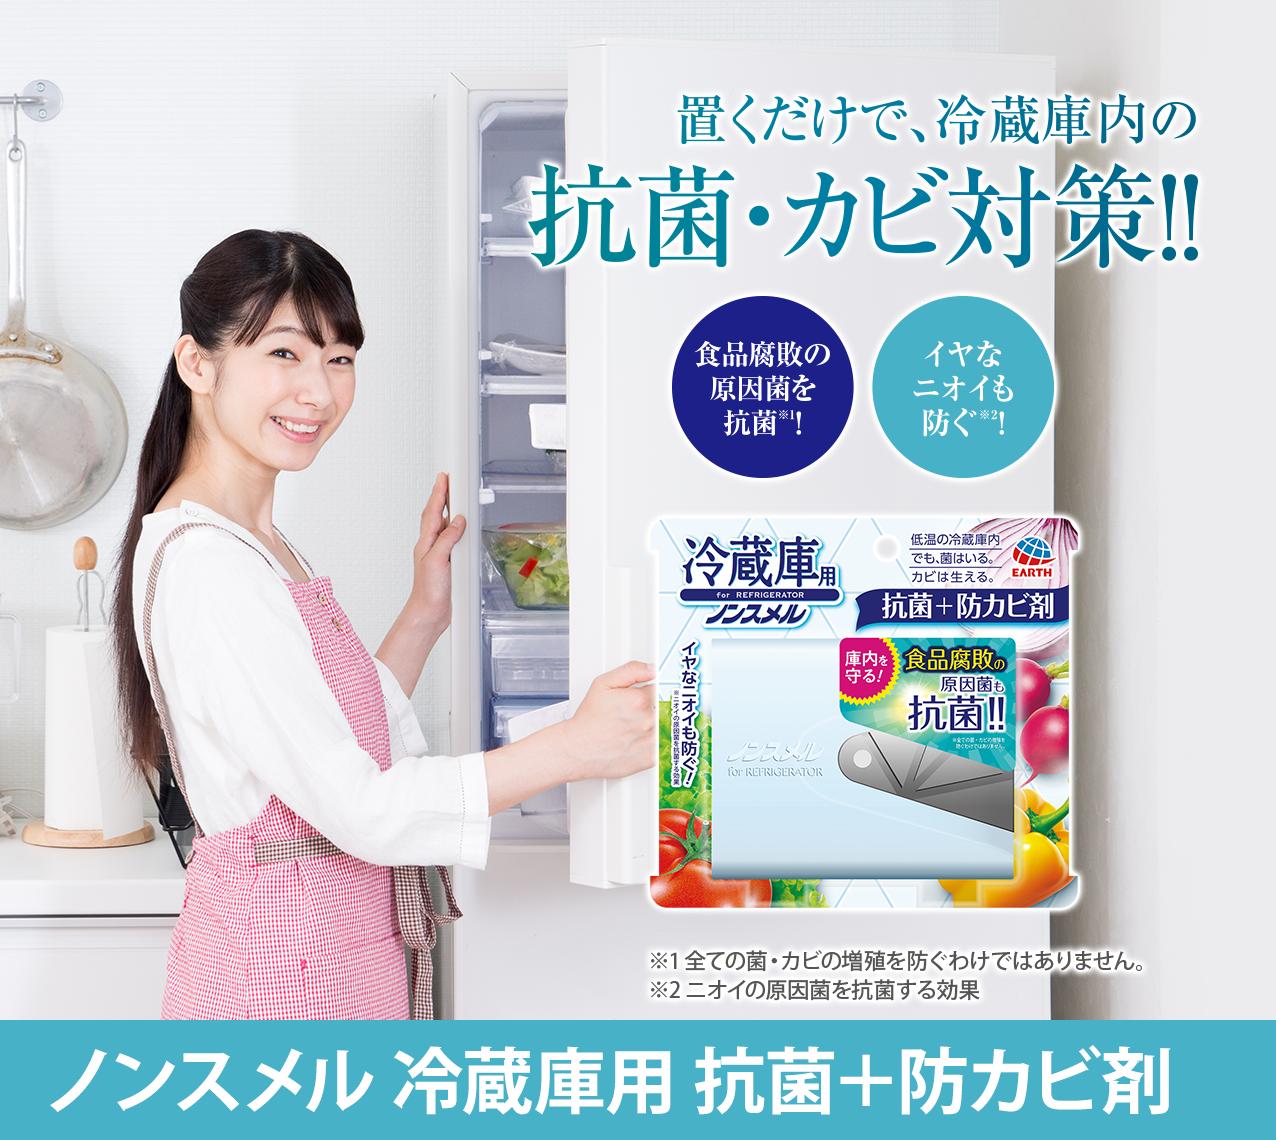 ノンスメル 冷蔵庫用 抗菌+防カビ剤 置くだけで、冷蔵庫内の抗菌・カビ対策!! 食品腐敗の原因菌を抗菌※1! イヤなニオイも防ぐ※2! ※1 全ての菌・カビの増殖を防ぐわけではありません。※2 ニオイの原因菌を抗菌する効果